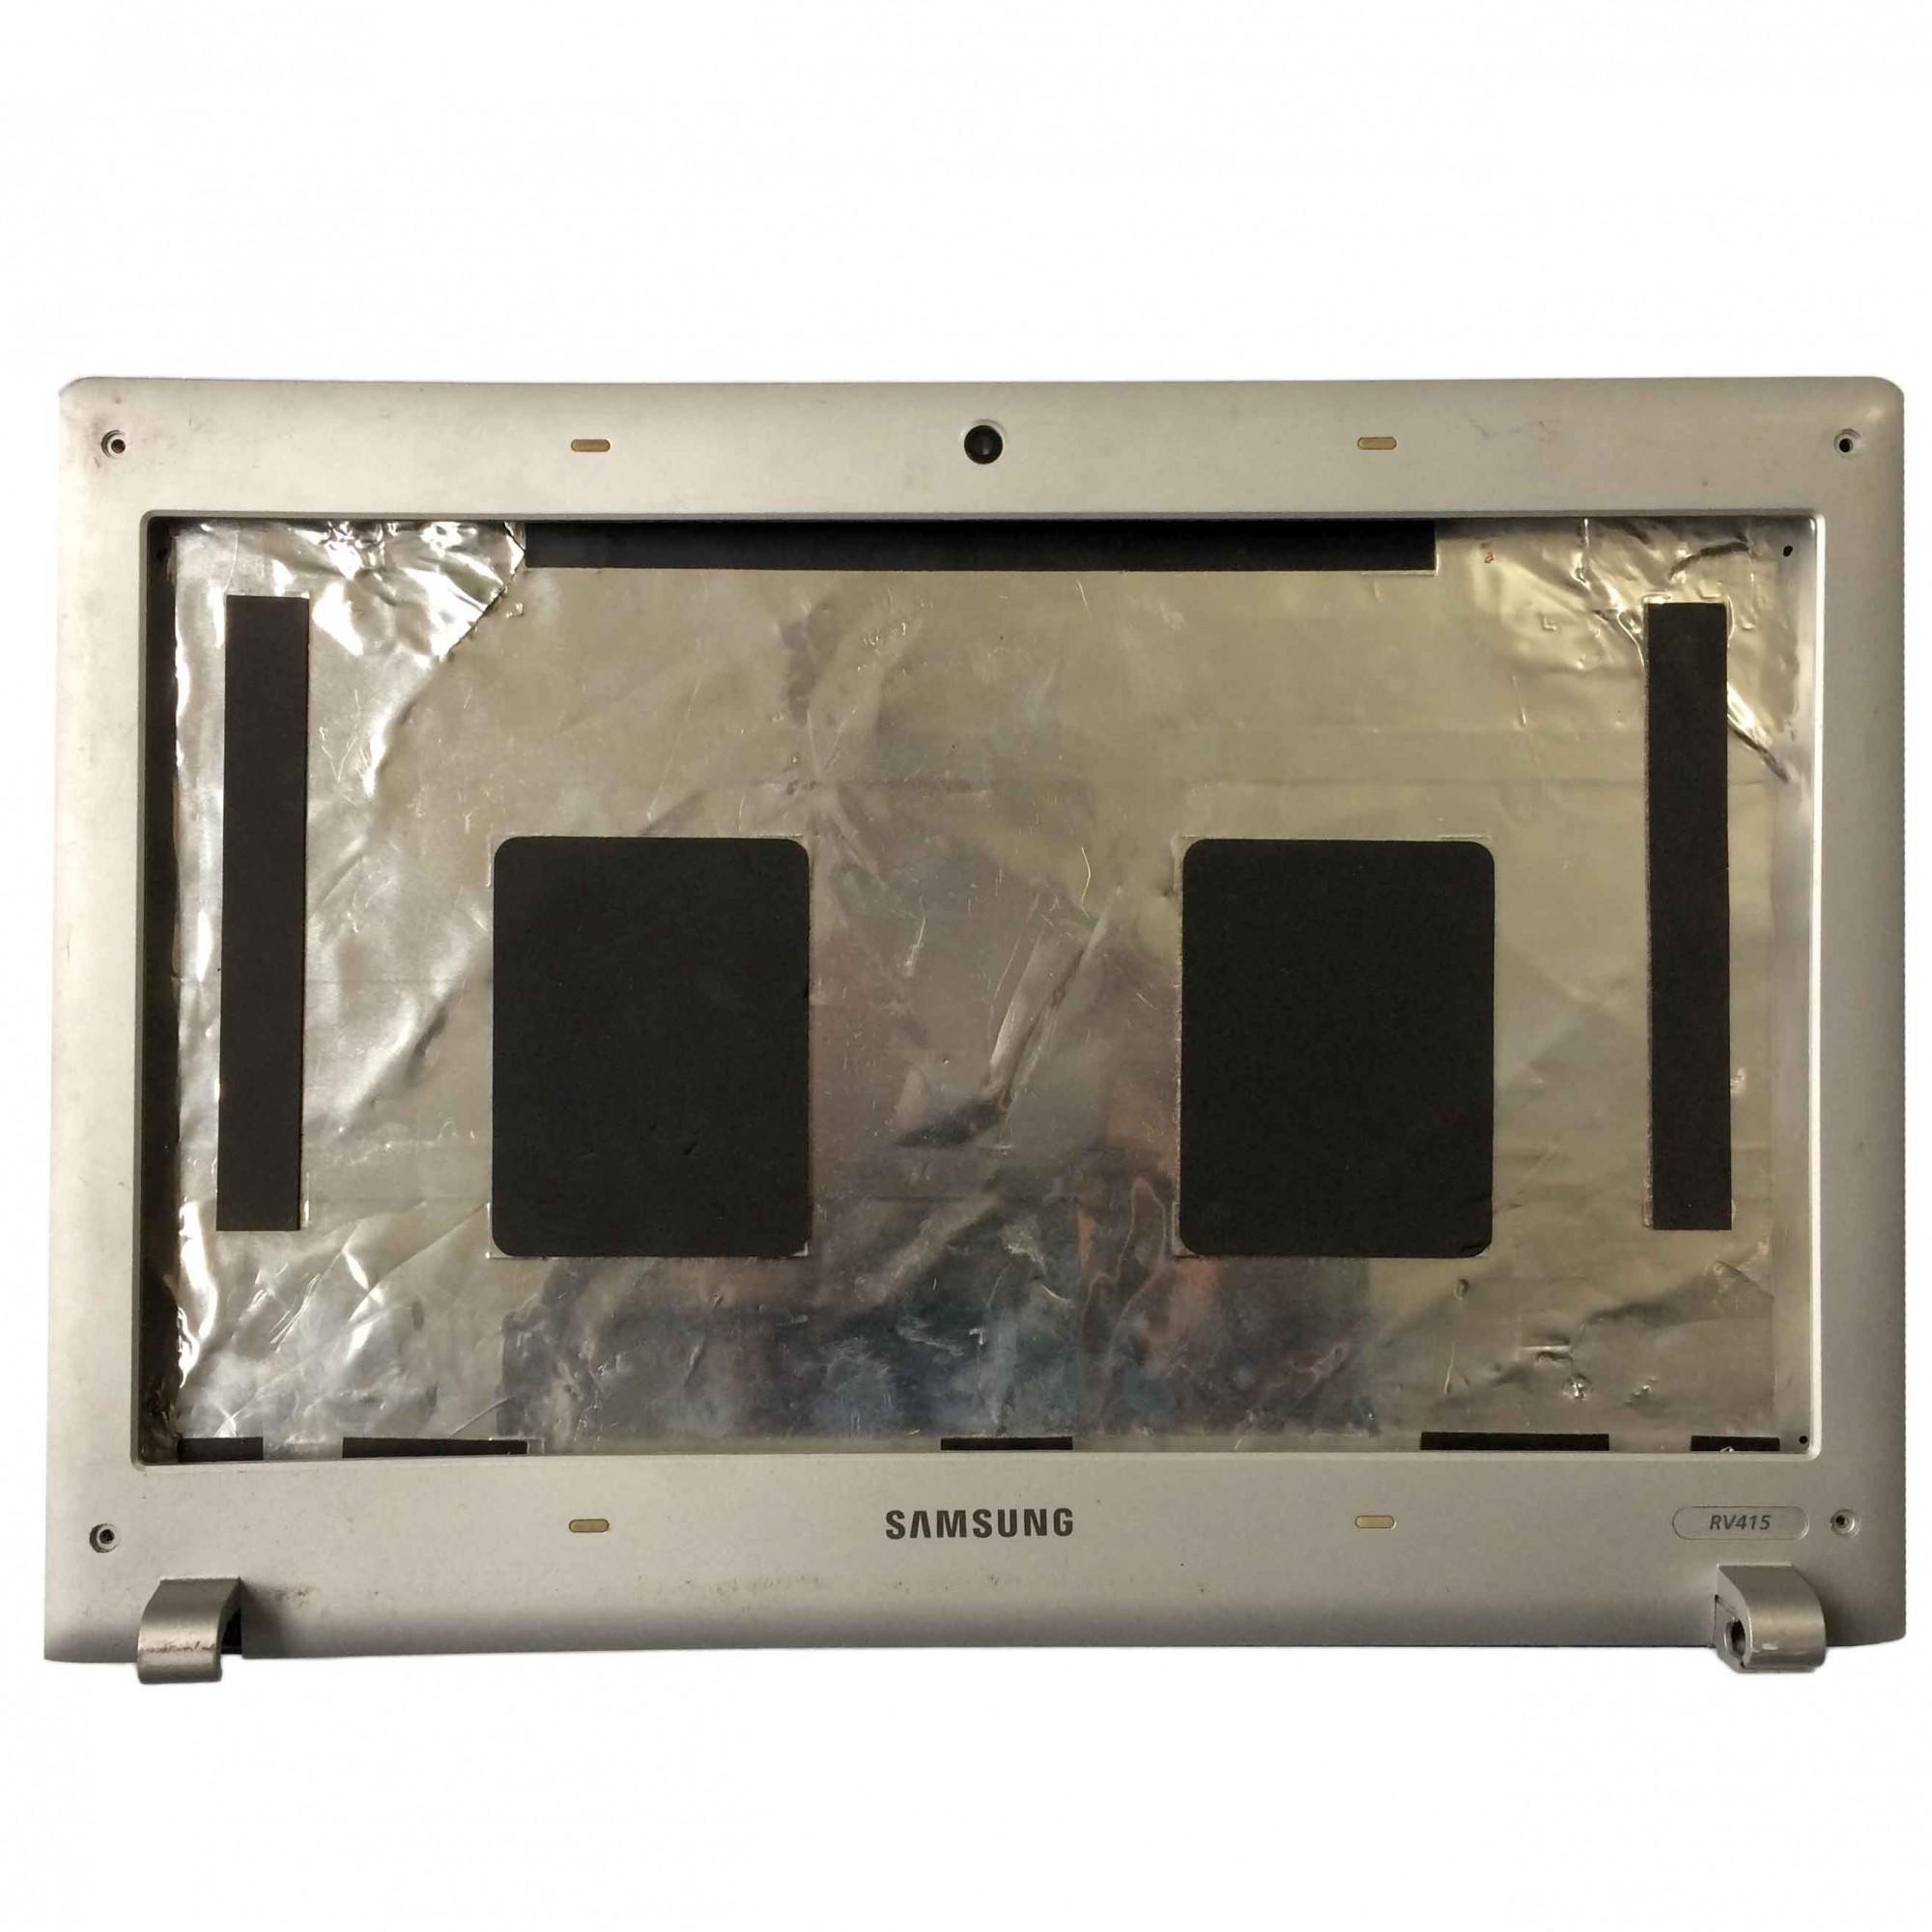 Carcaça Tampa LCD + Moldura Notebook Samsung Rv411 RV415 PN:ba75-03700a - Retirado